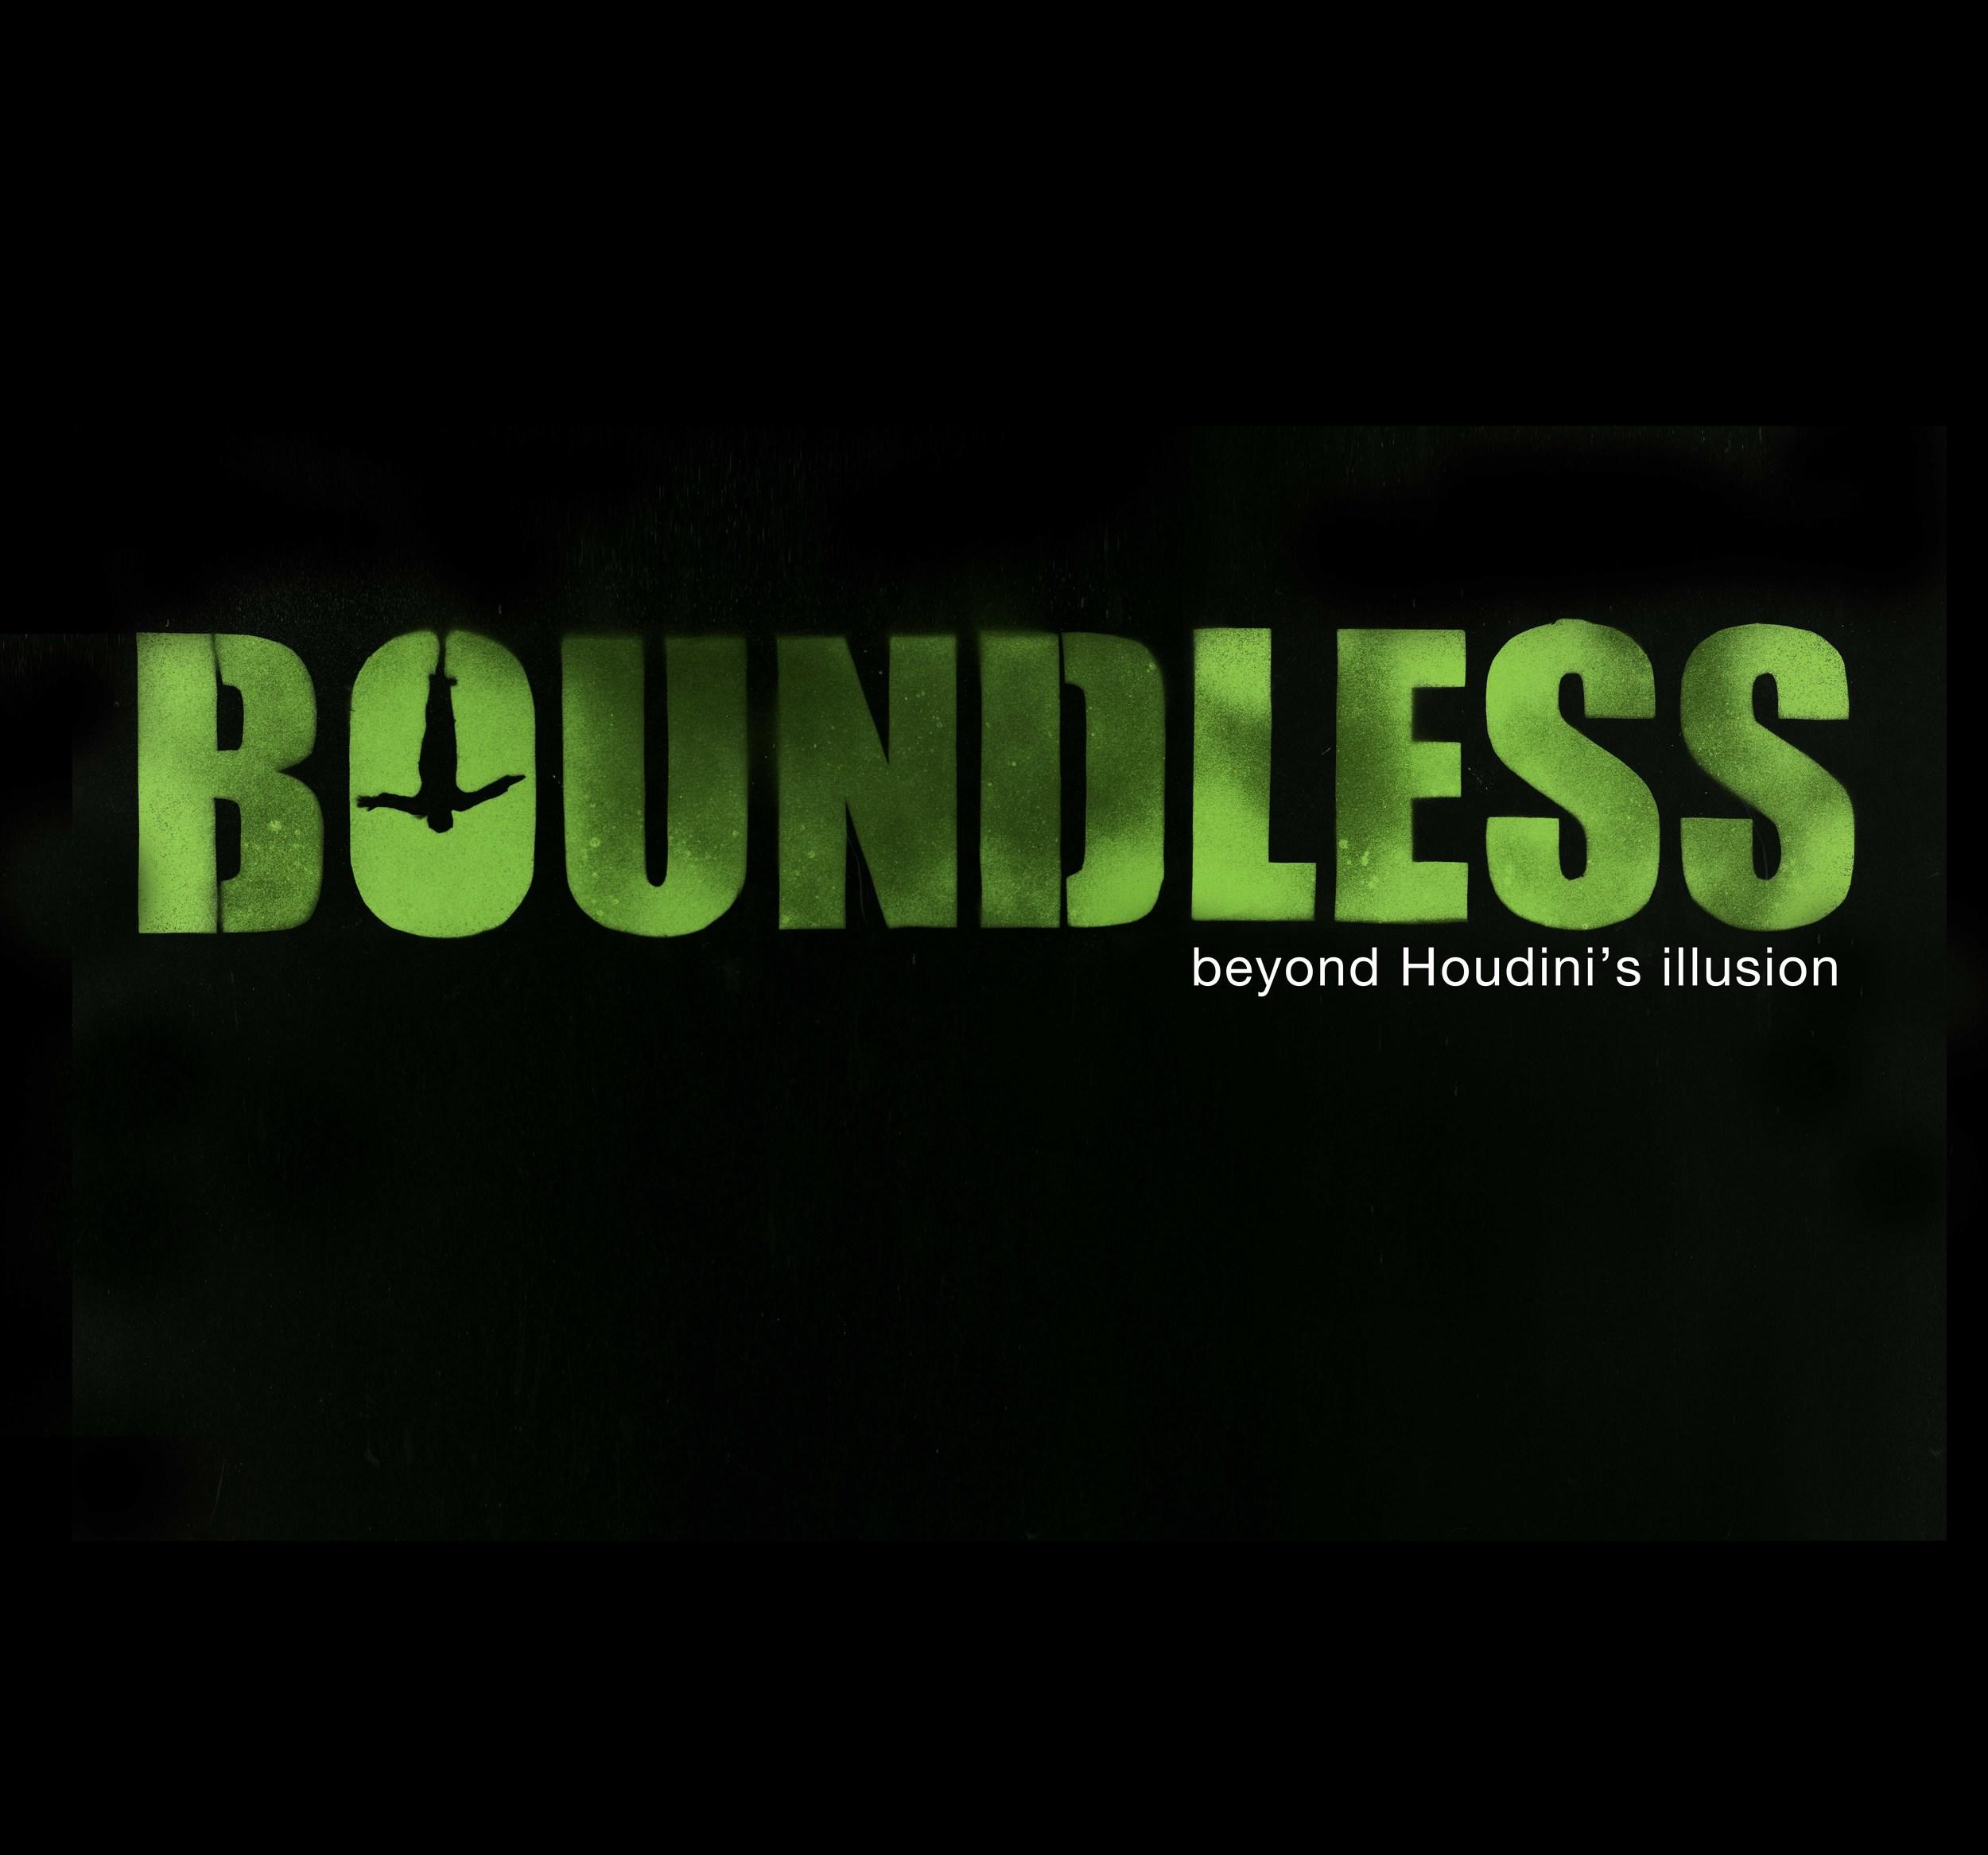 boundless green.jpg